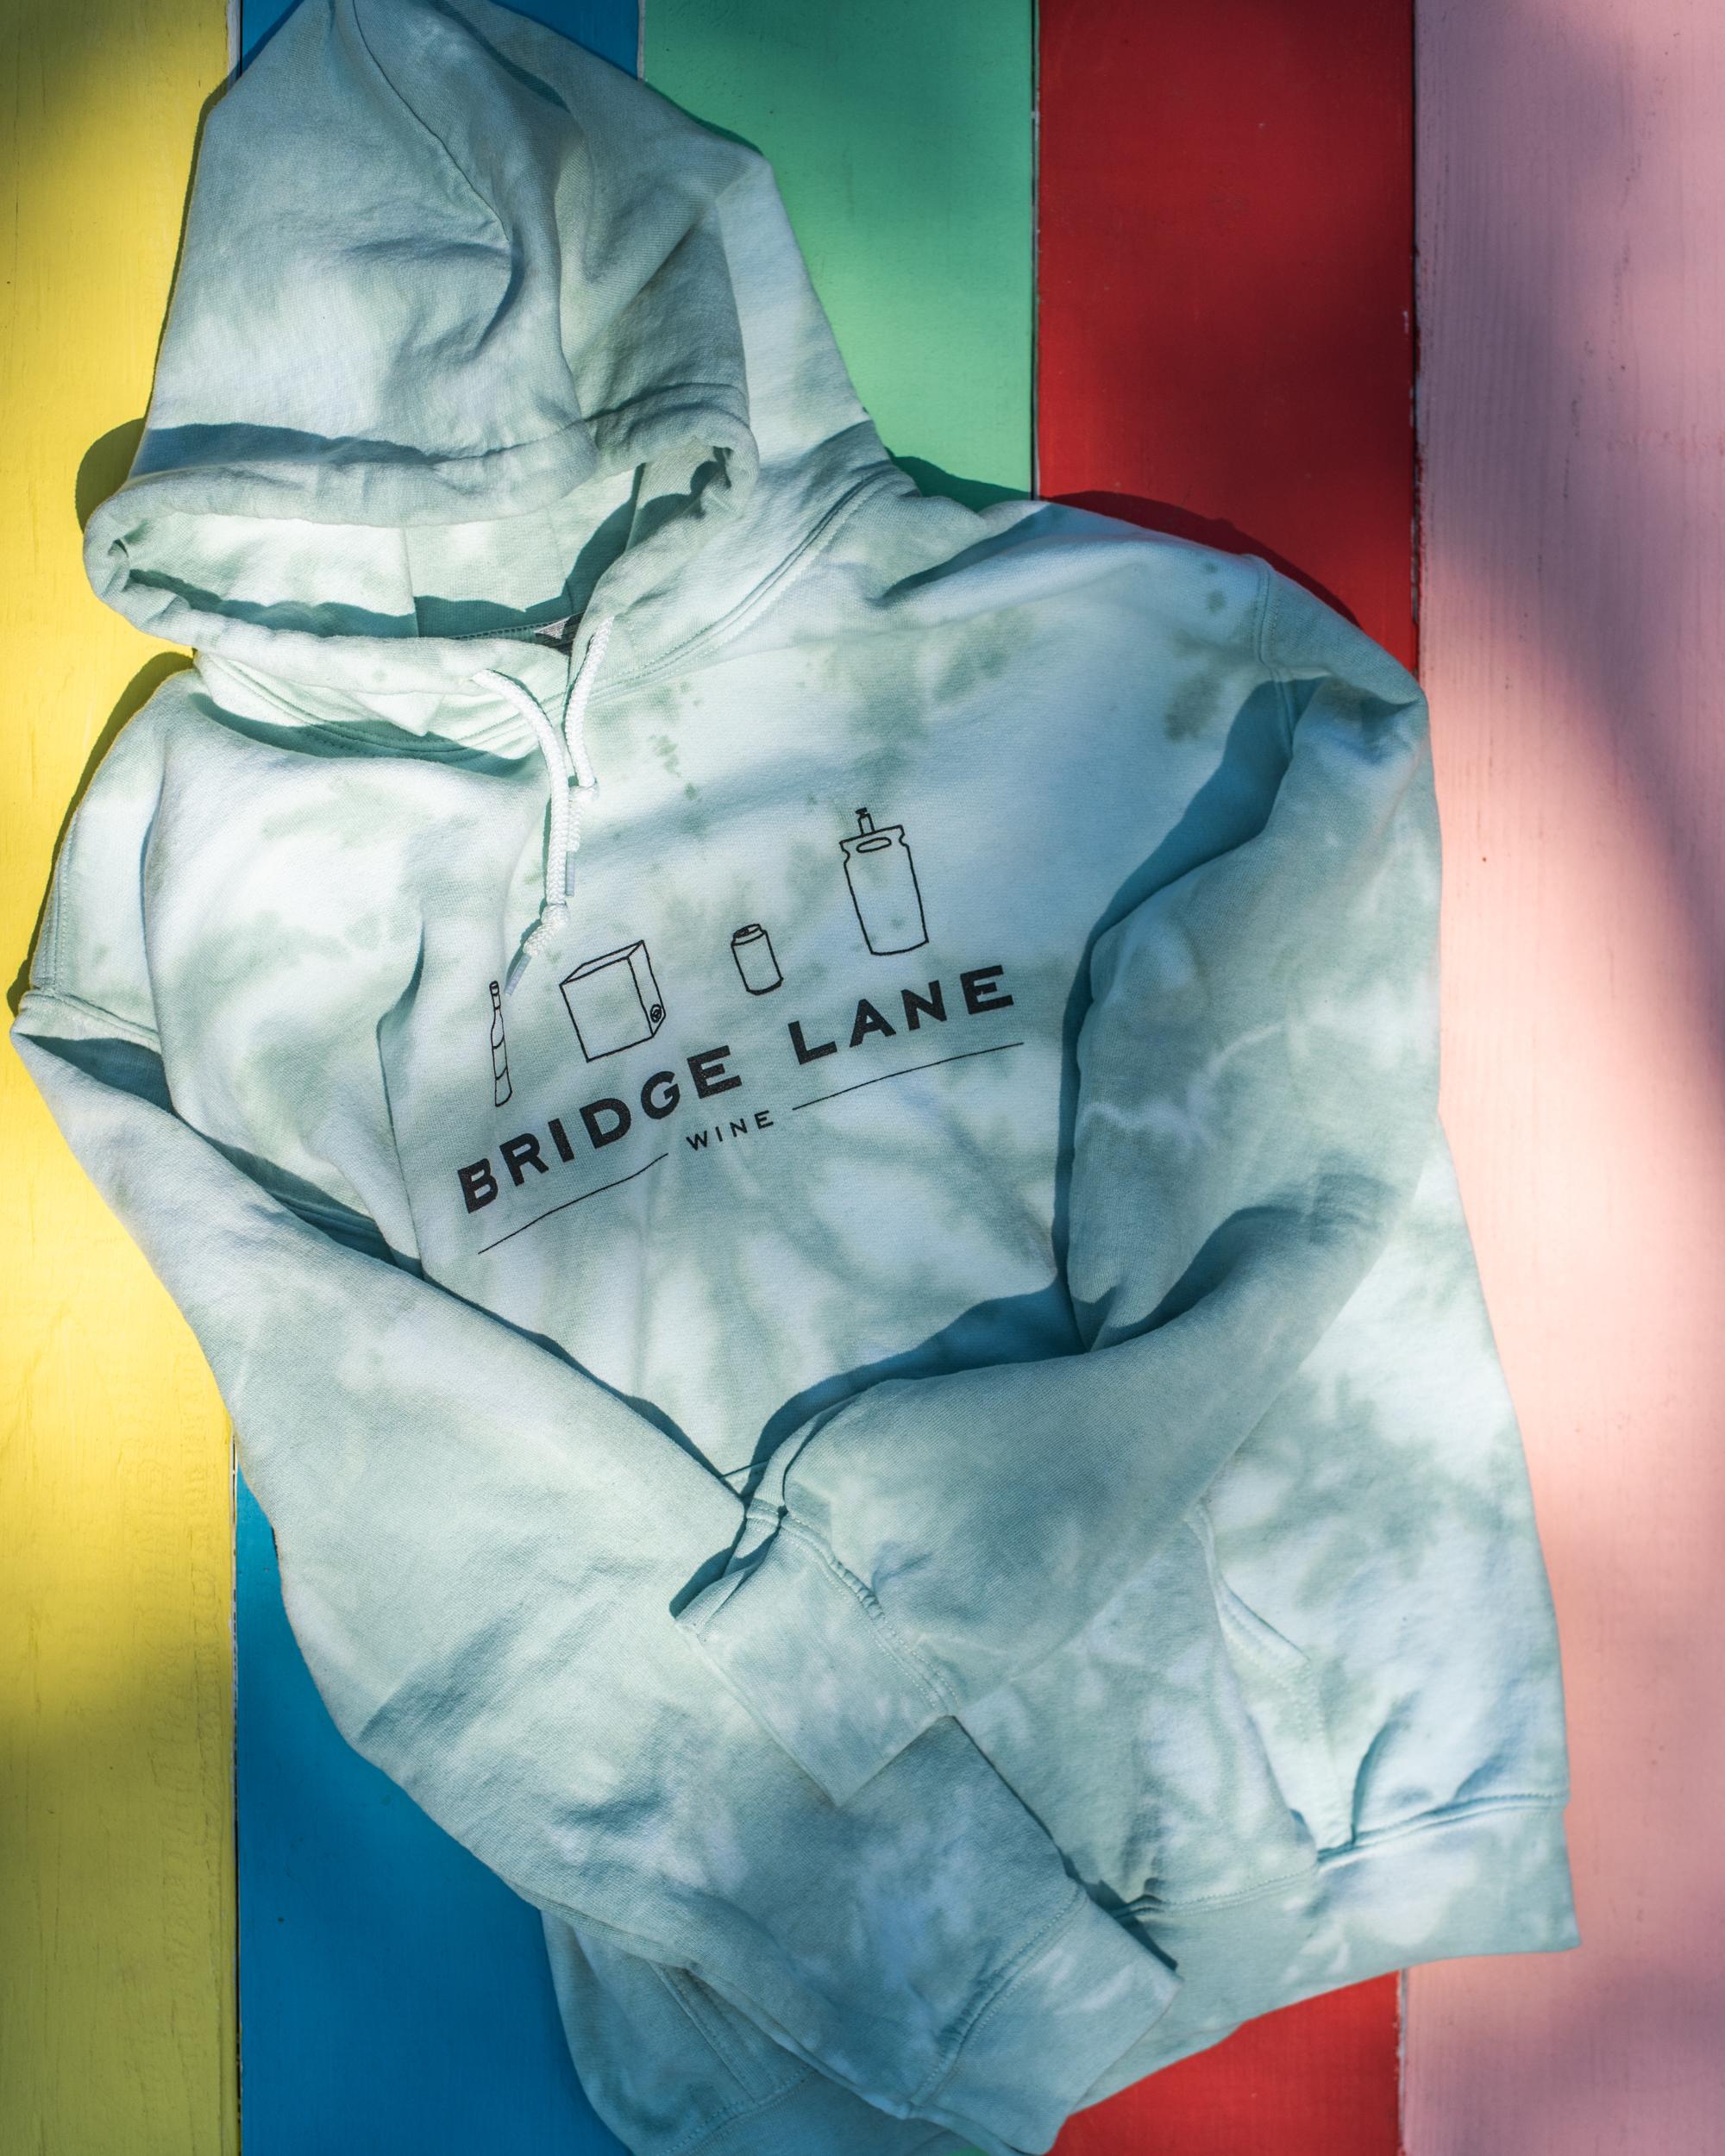 Bridge Lane Logo Sweatshirt Large